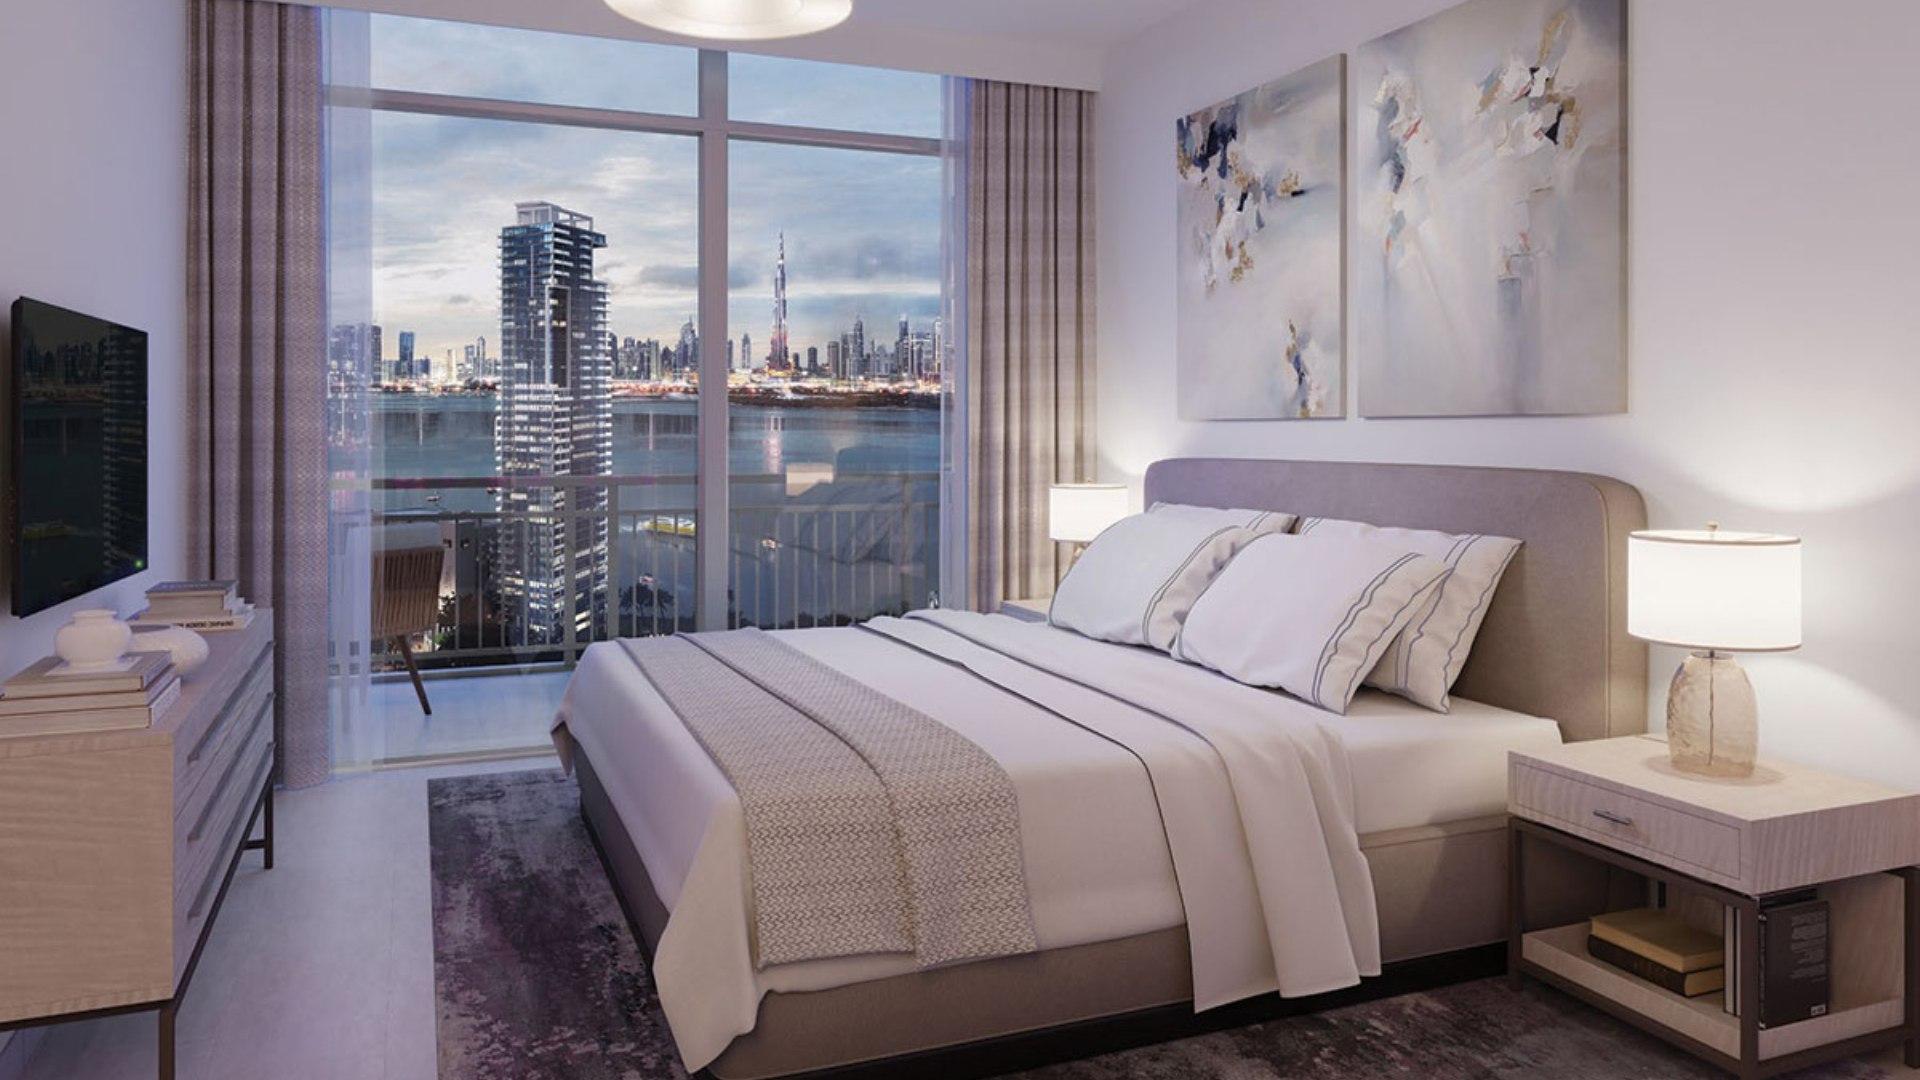 Apartamento en venta en Dubai, EAU, 3 dormitorios, 153 m2, № 24631 – foto 5